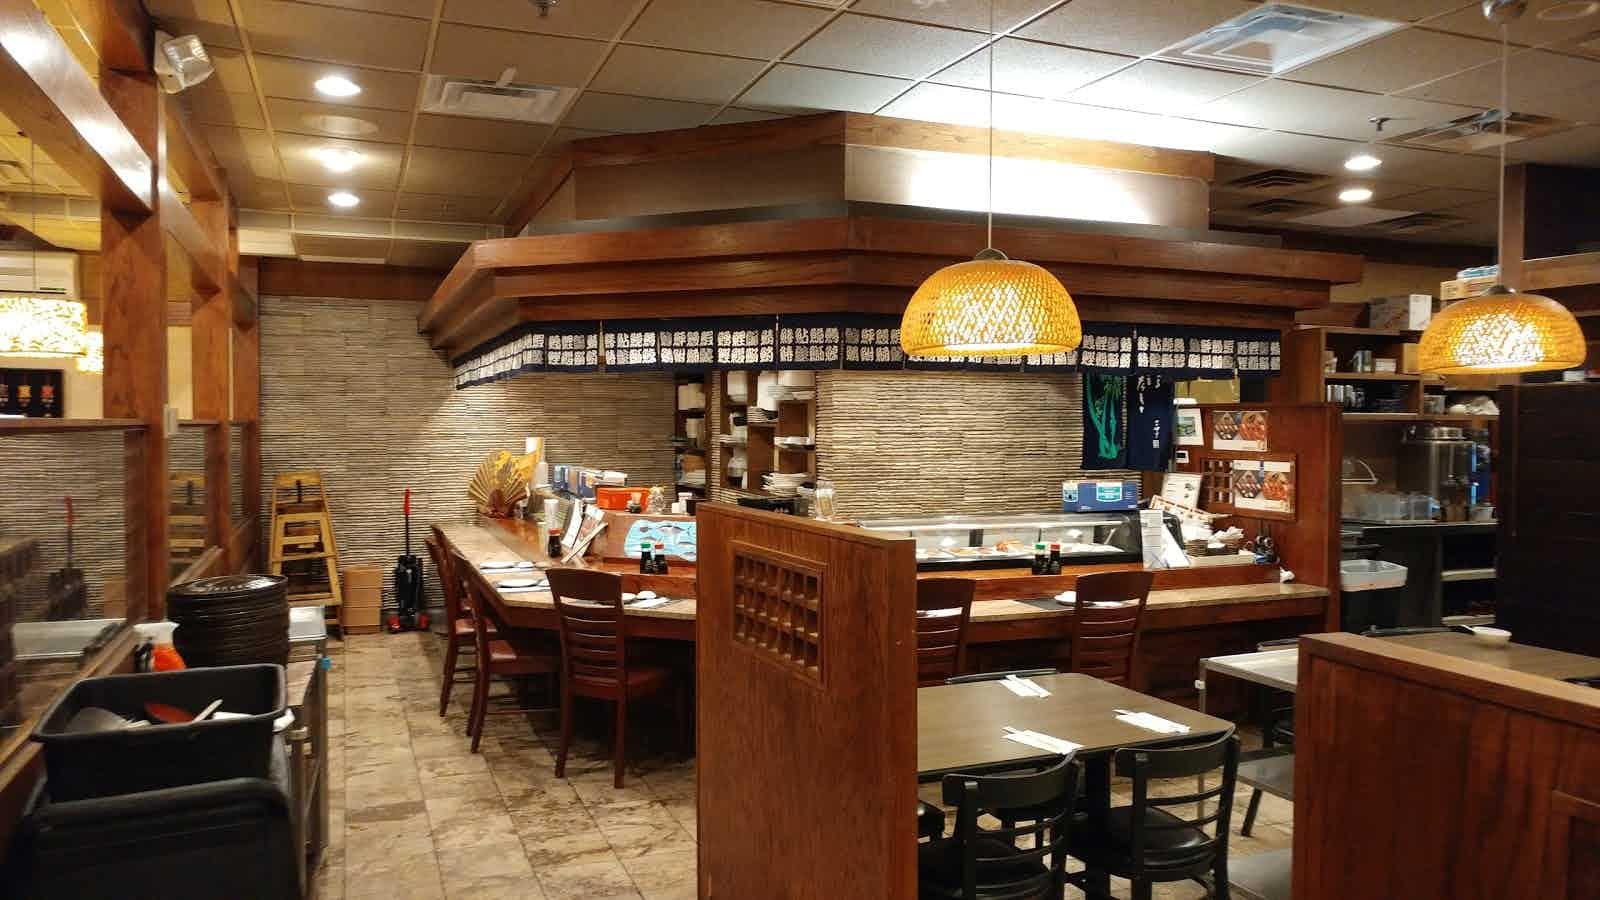 Seoul Garden Restaurant - Ann Arbor | Restaurant Review - Zagat